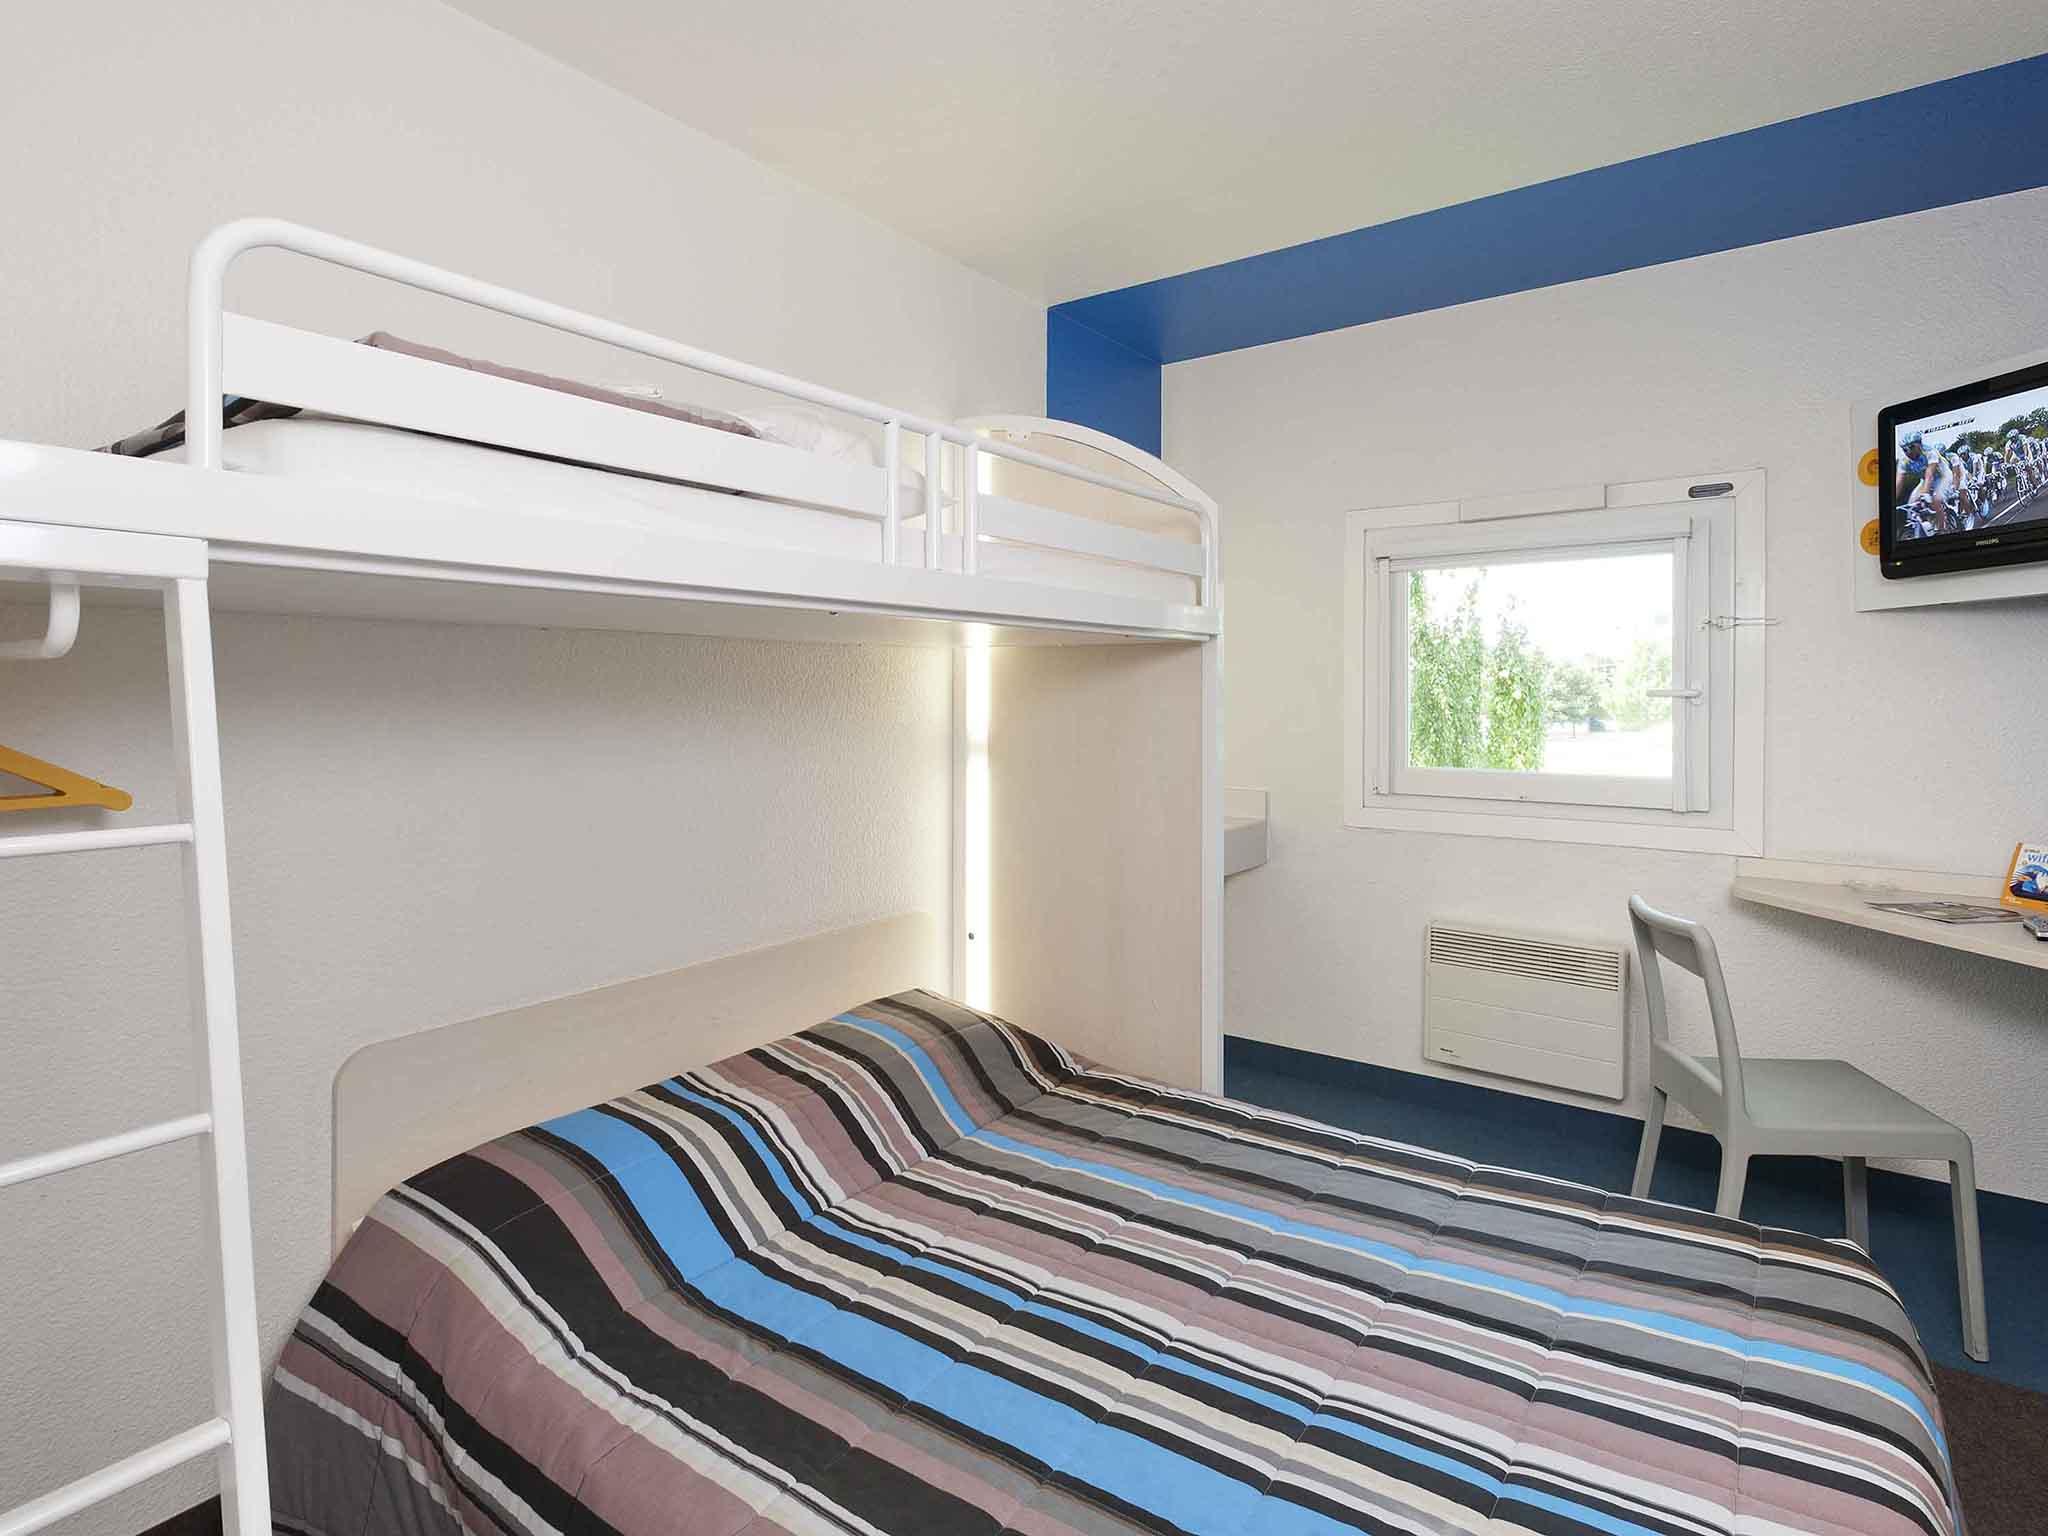 โรงแรม – hotelF1 Aulnay Garonor A1